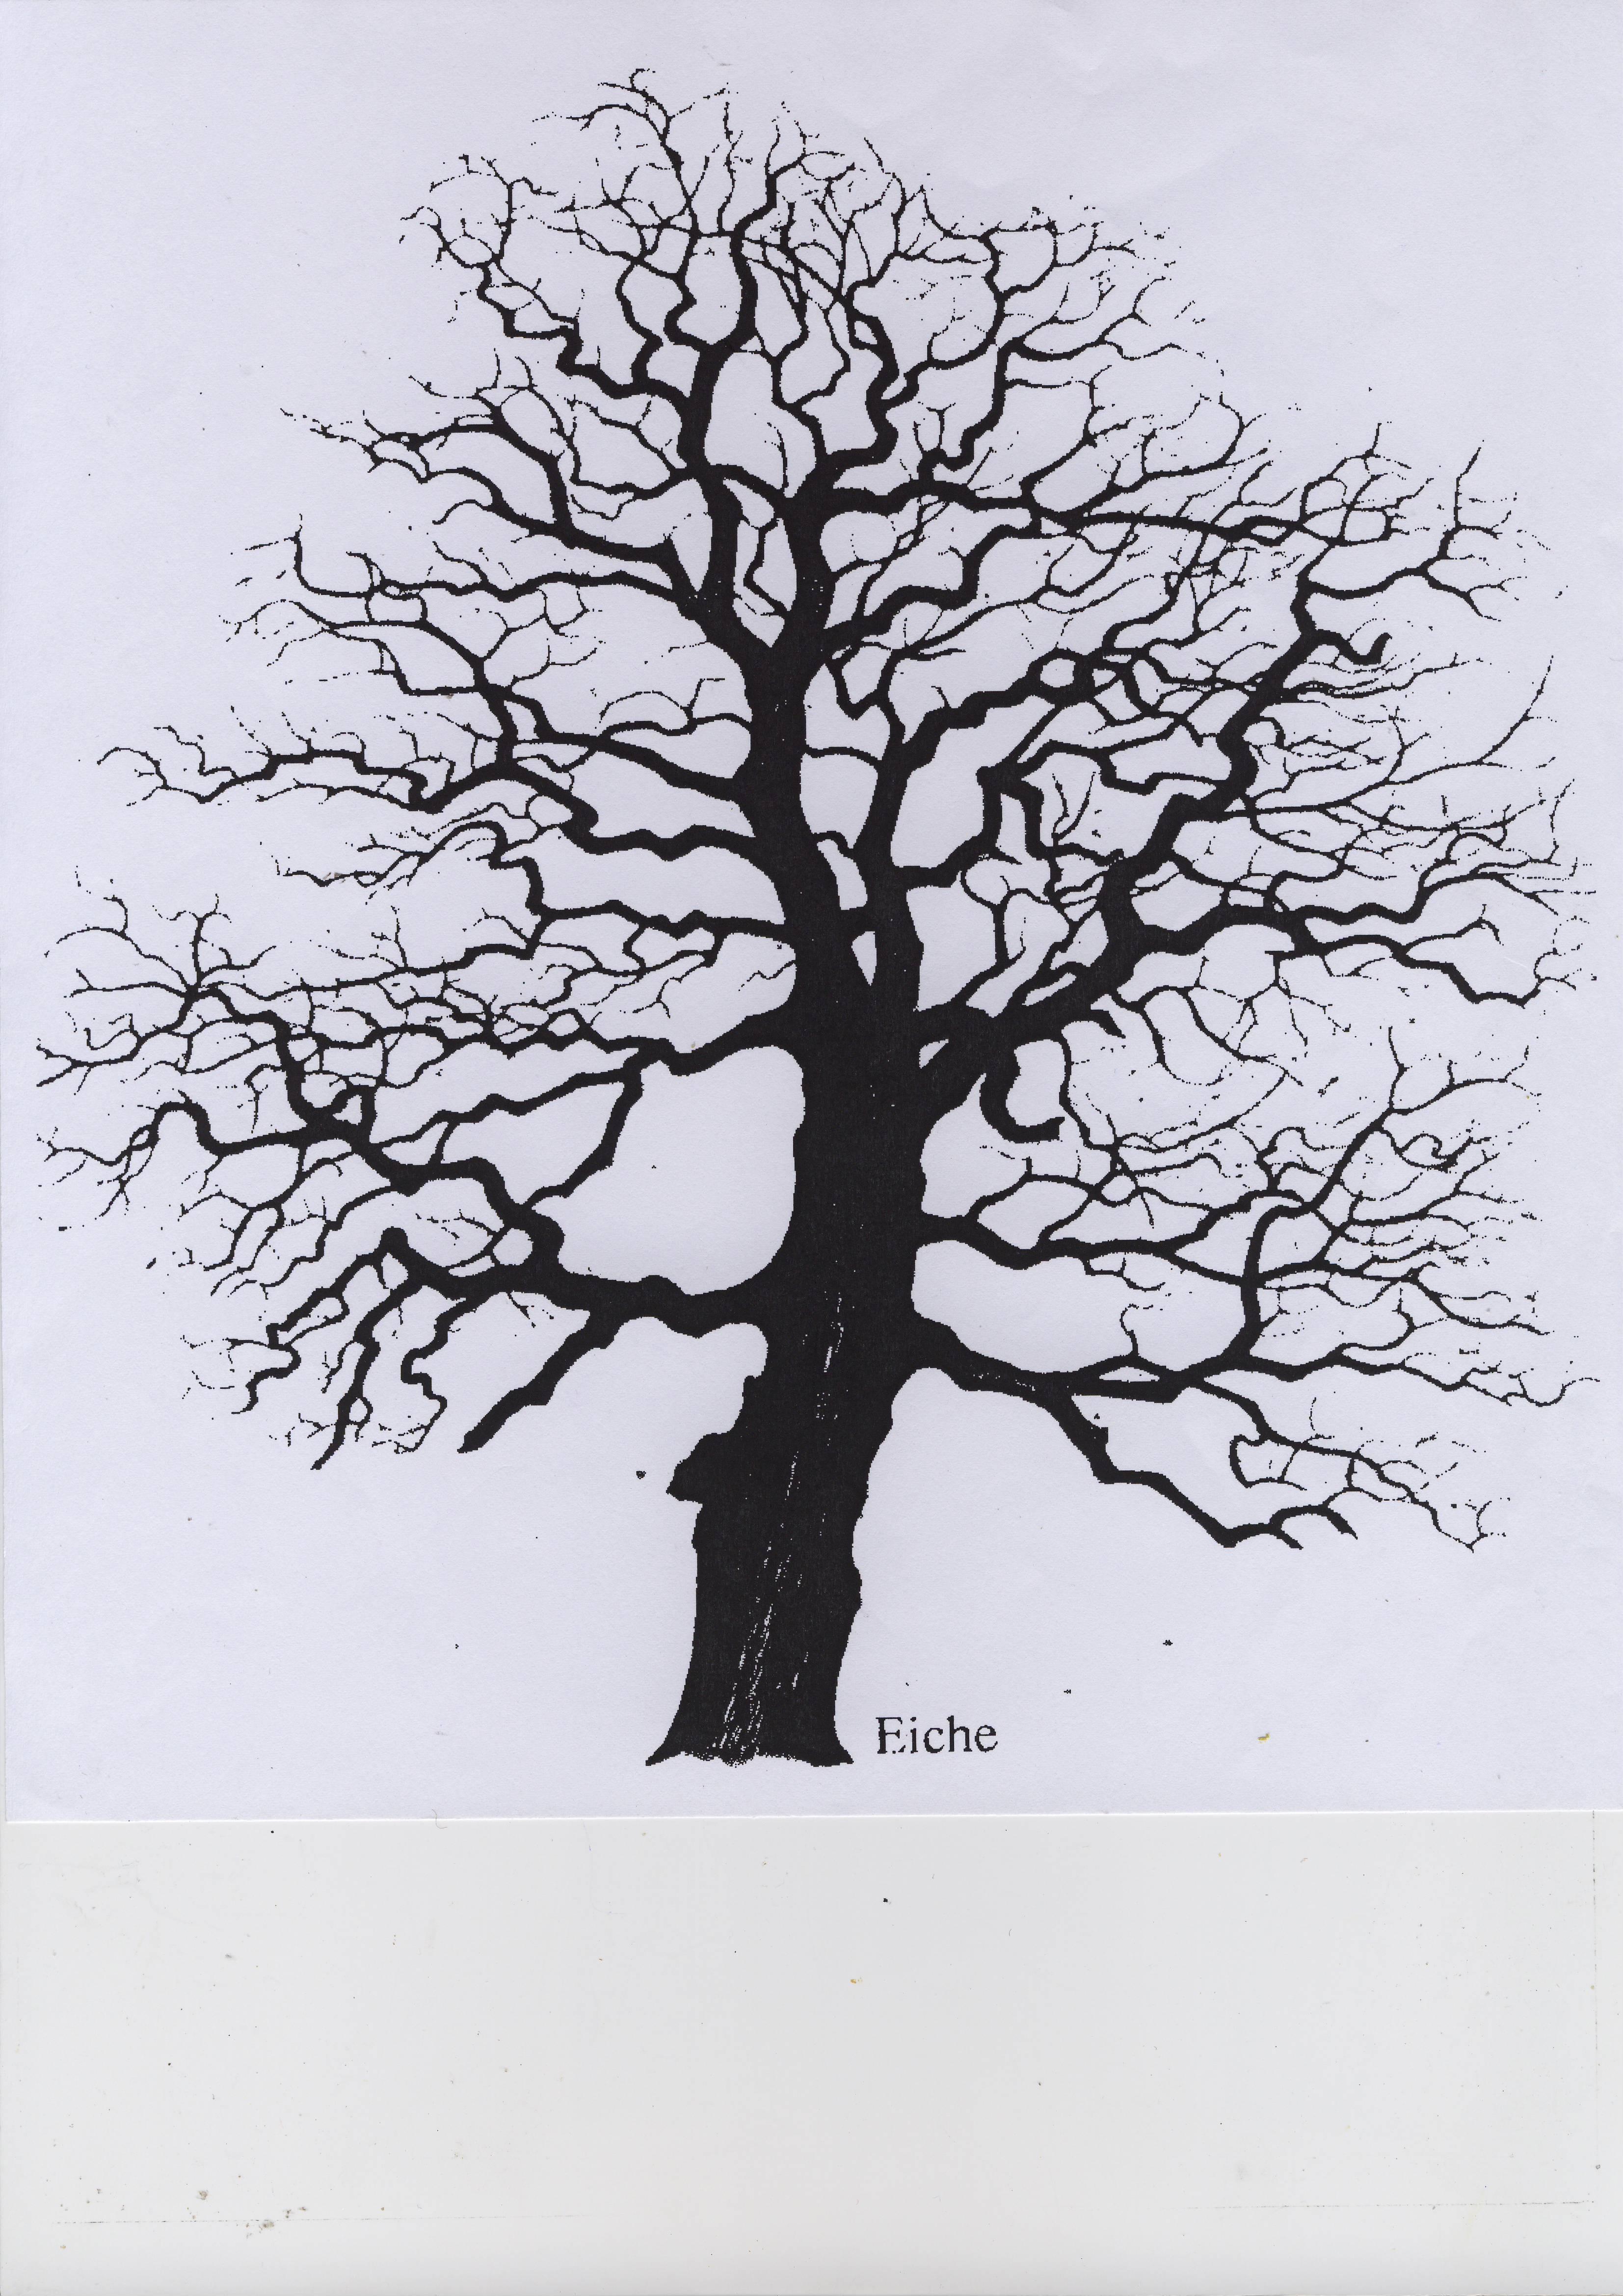 Gemeinsame Baumschutzsatzungen | Bürgerinitiative Baumschutz Hohe Börde @QQ_42